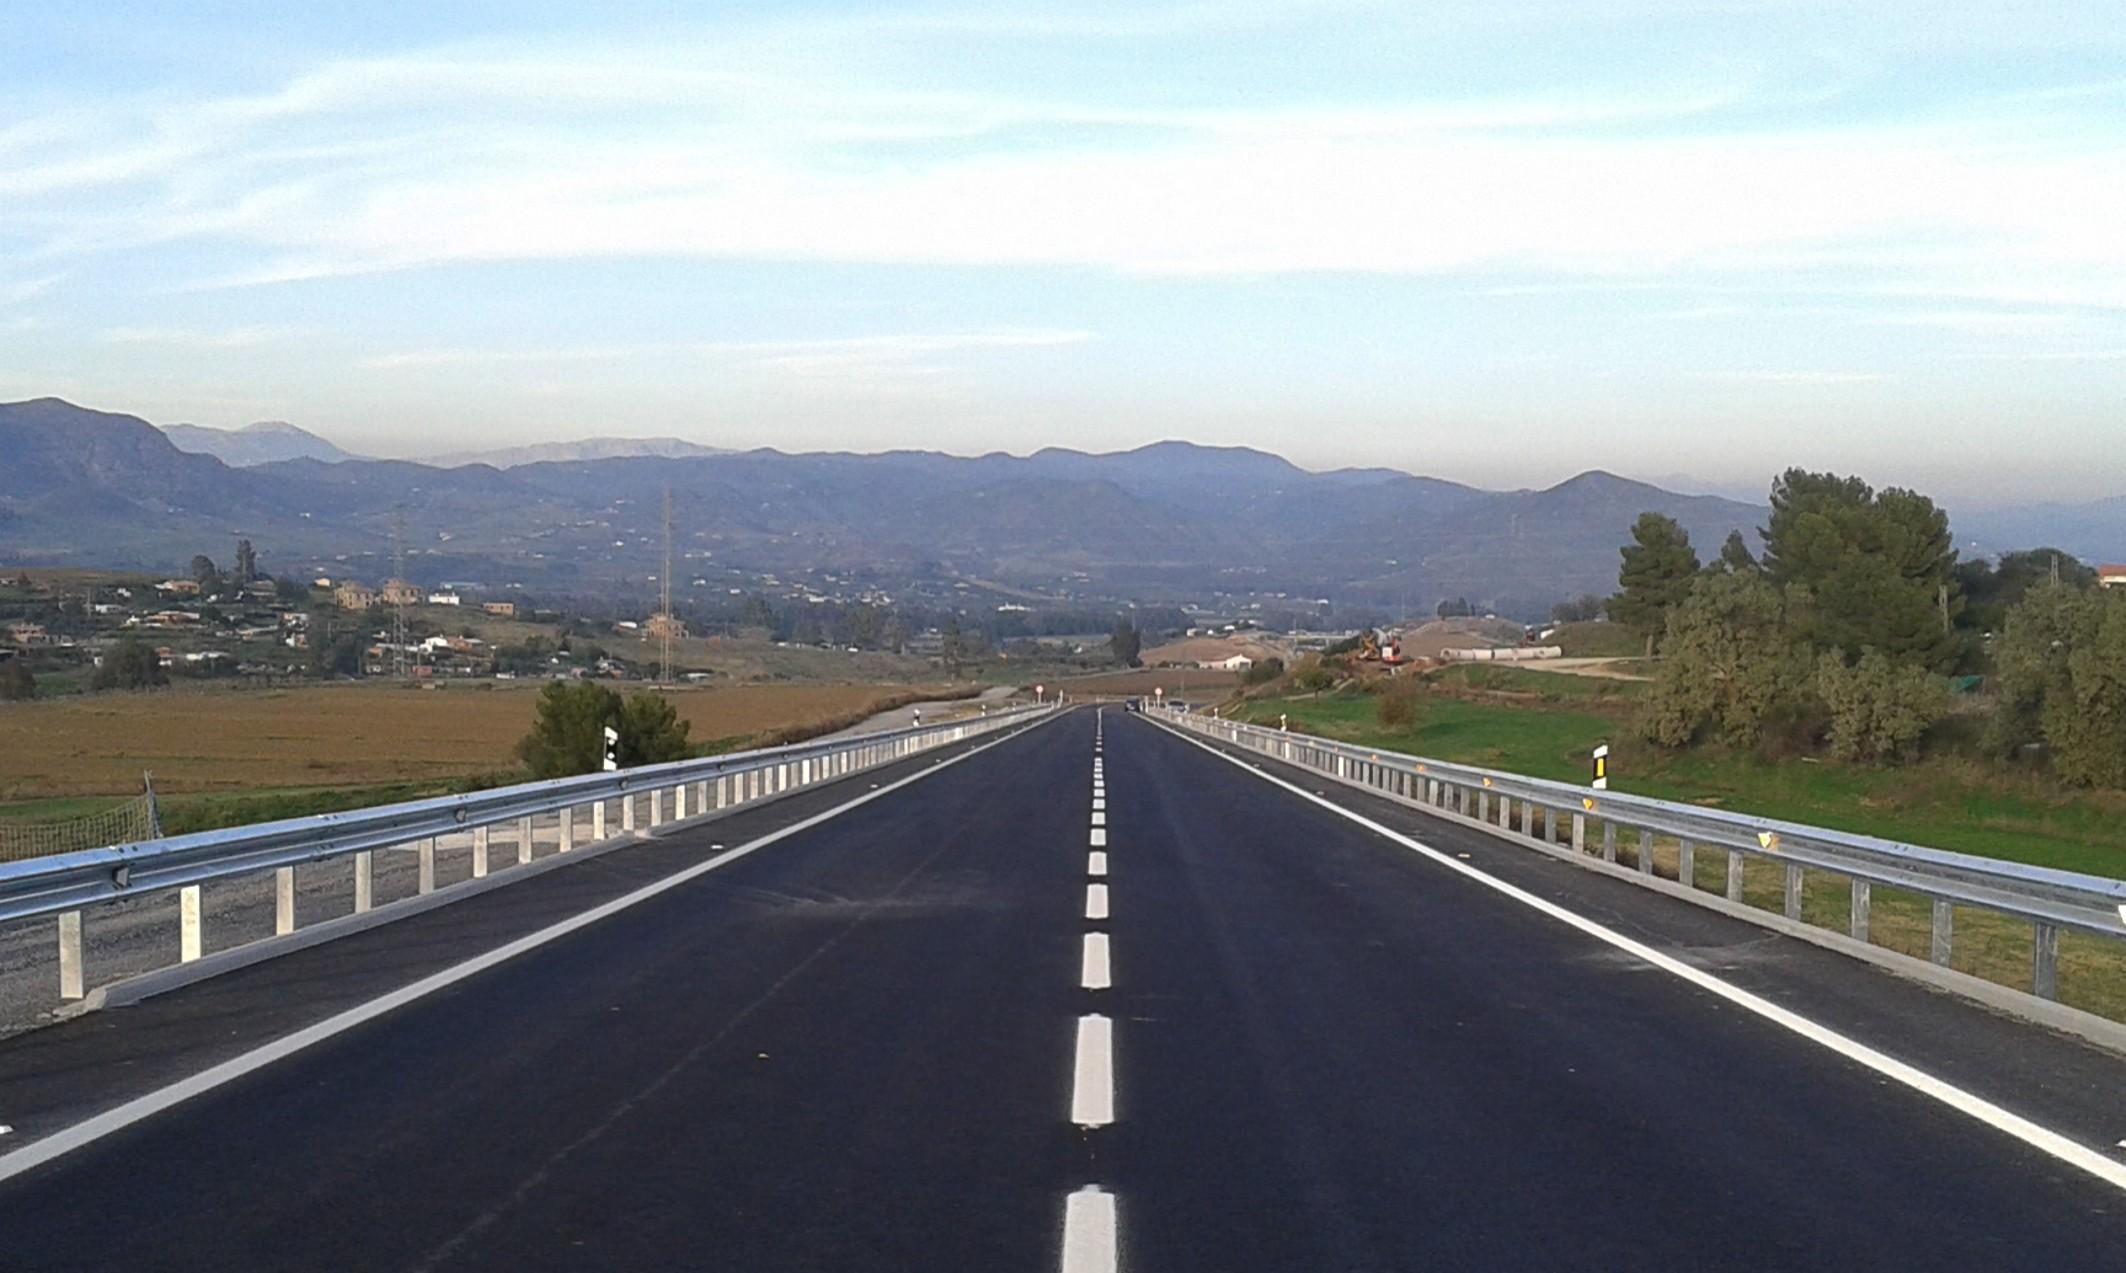 Carretera Coín - Casapalma finalizada. Su puesta en servicio se hará tras los remates finales.